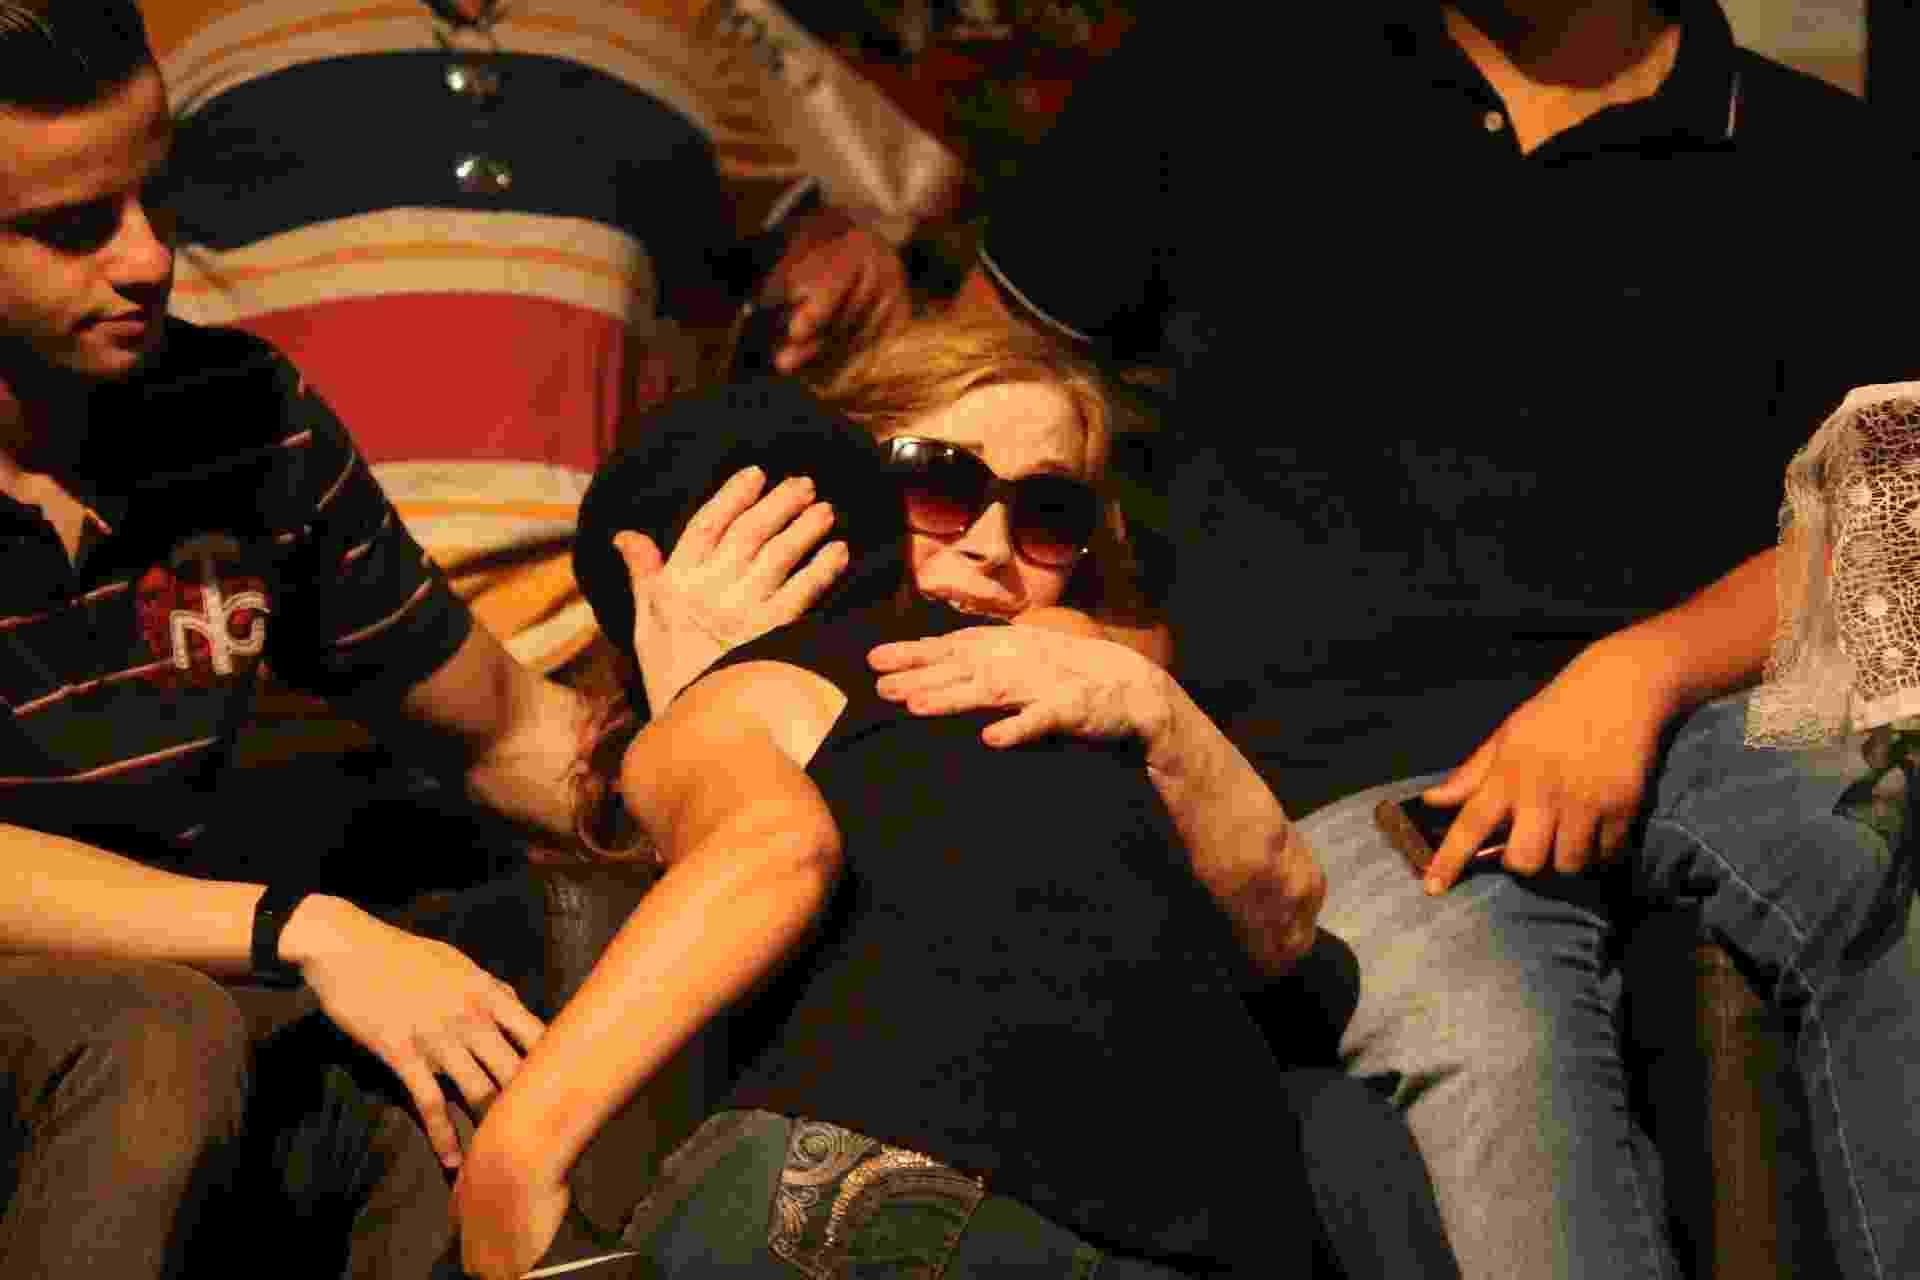 Familiares, amigos e fãs se despedem de Zé do Caixão durante velório em SP - Amauri Nehn/Brazil News